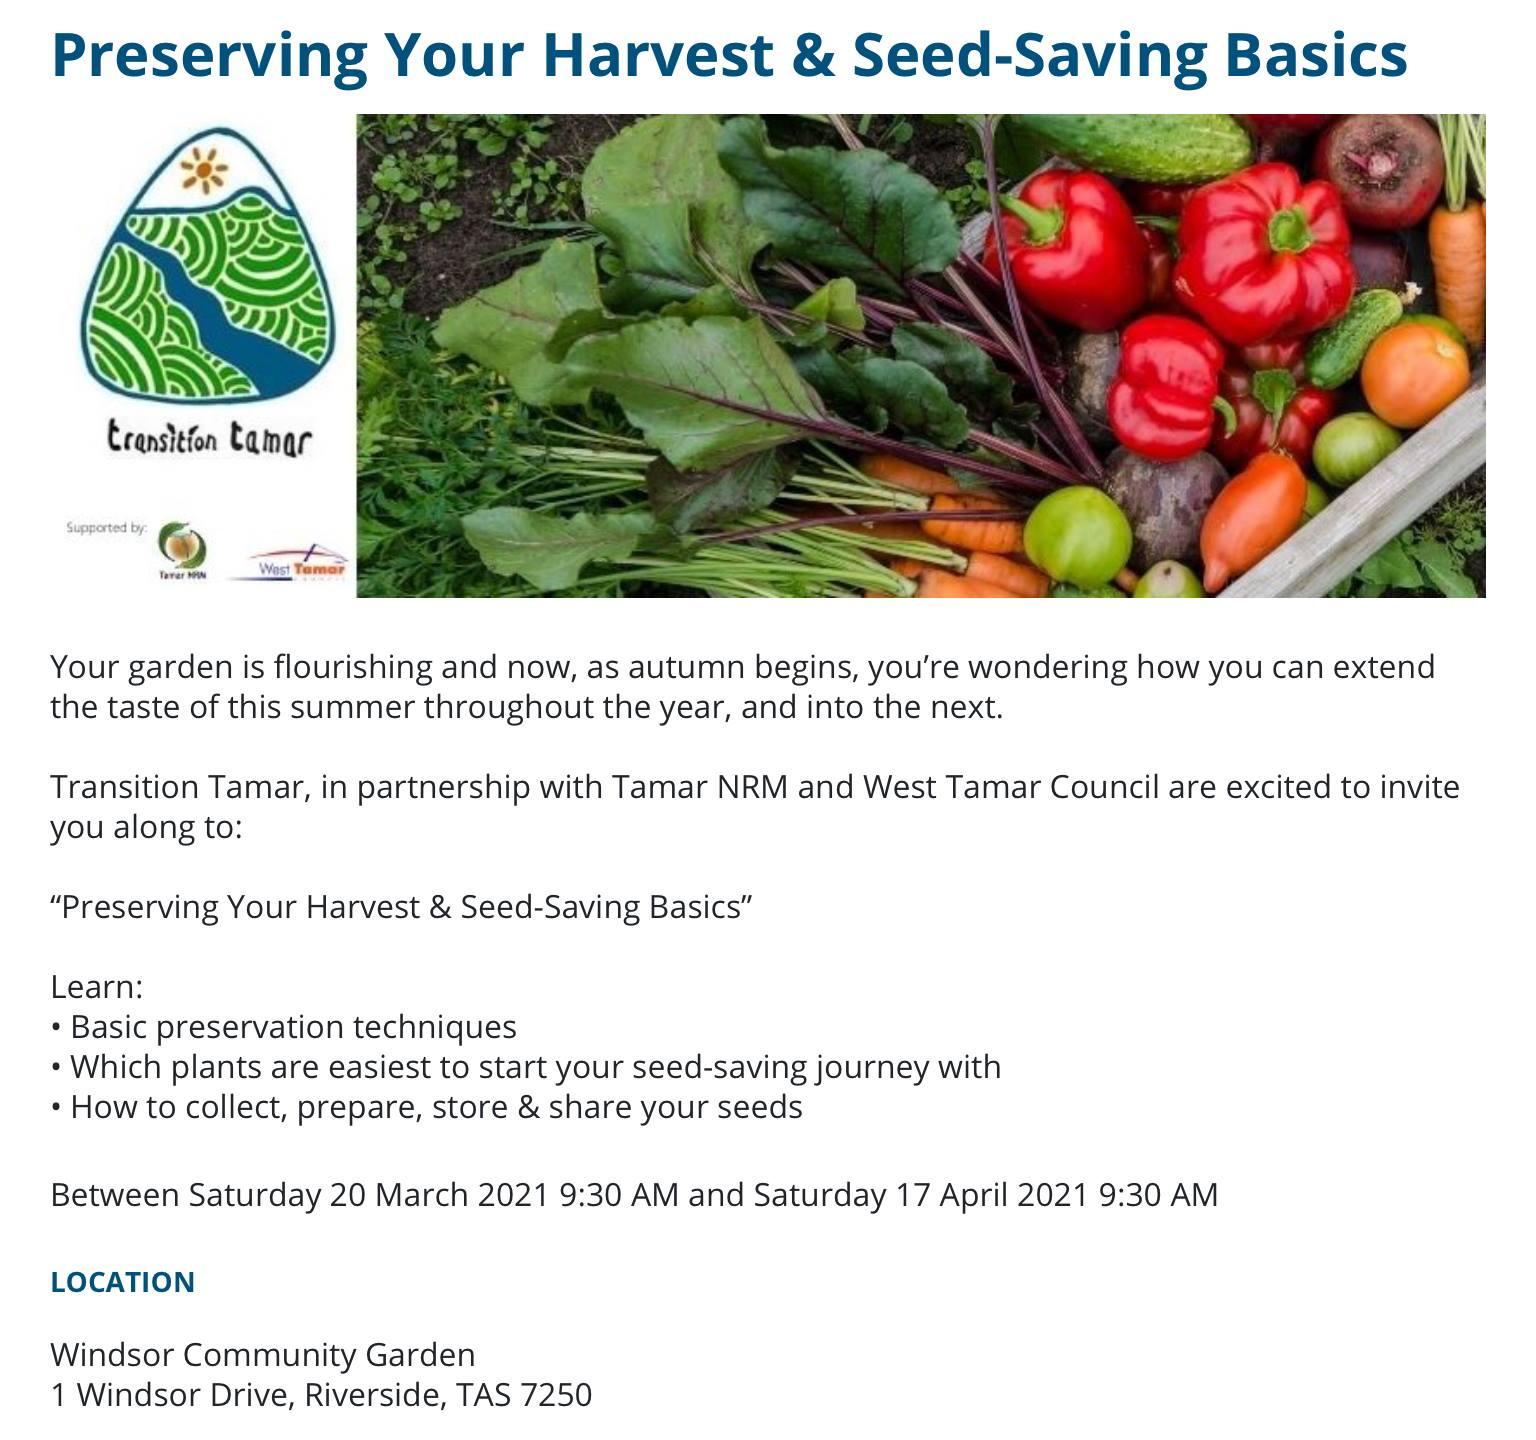 Transition Tamar Free Workshops - preserve your harvest & seed saving basics @ Windsor Community Garden